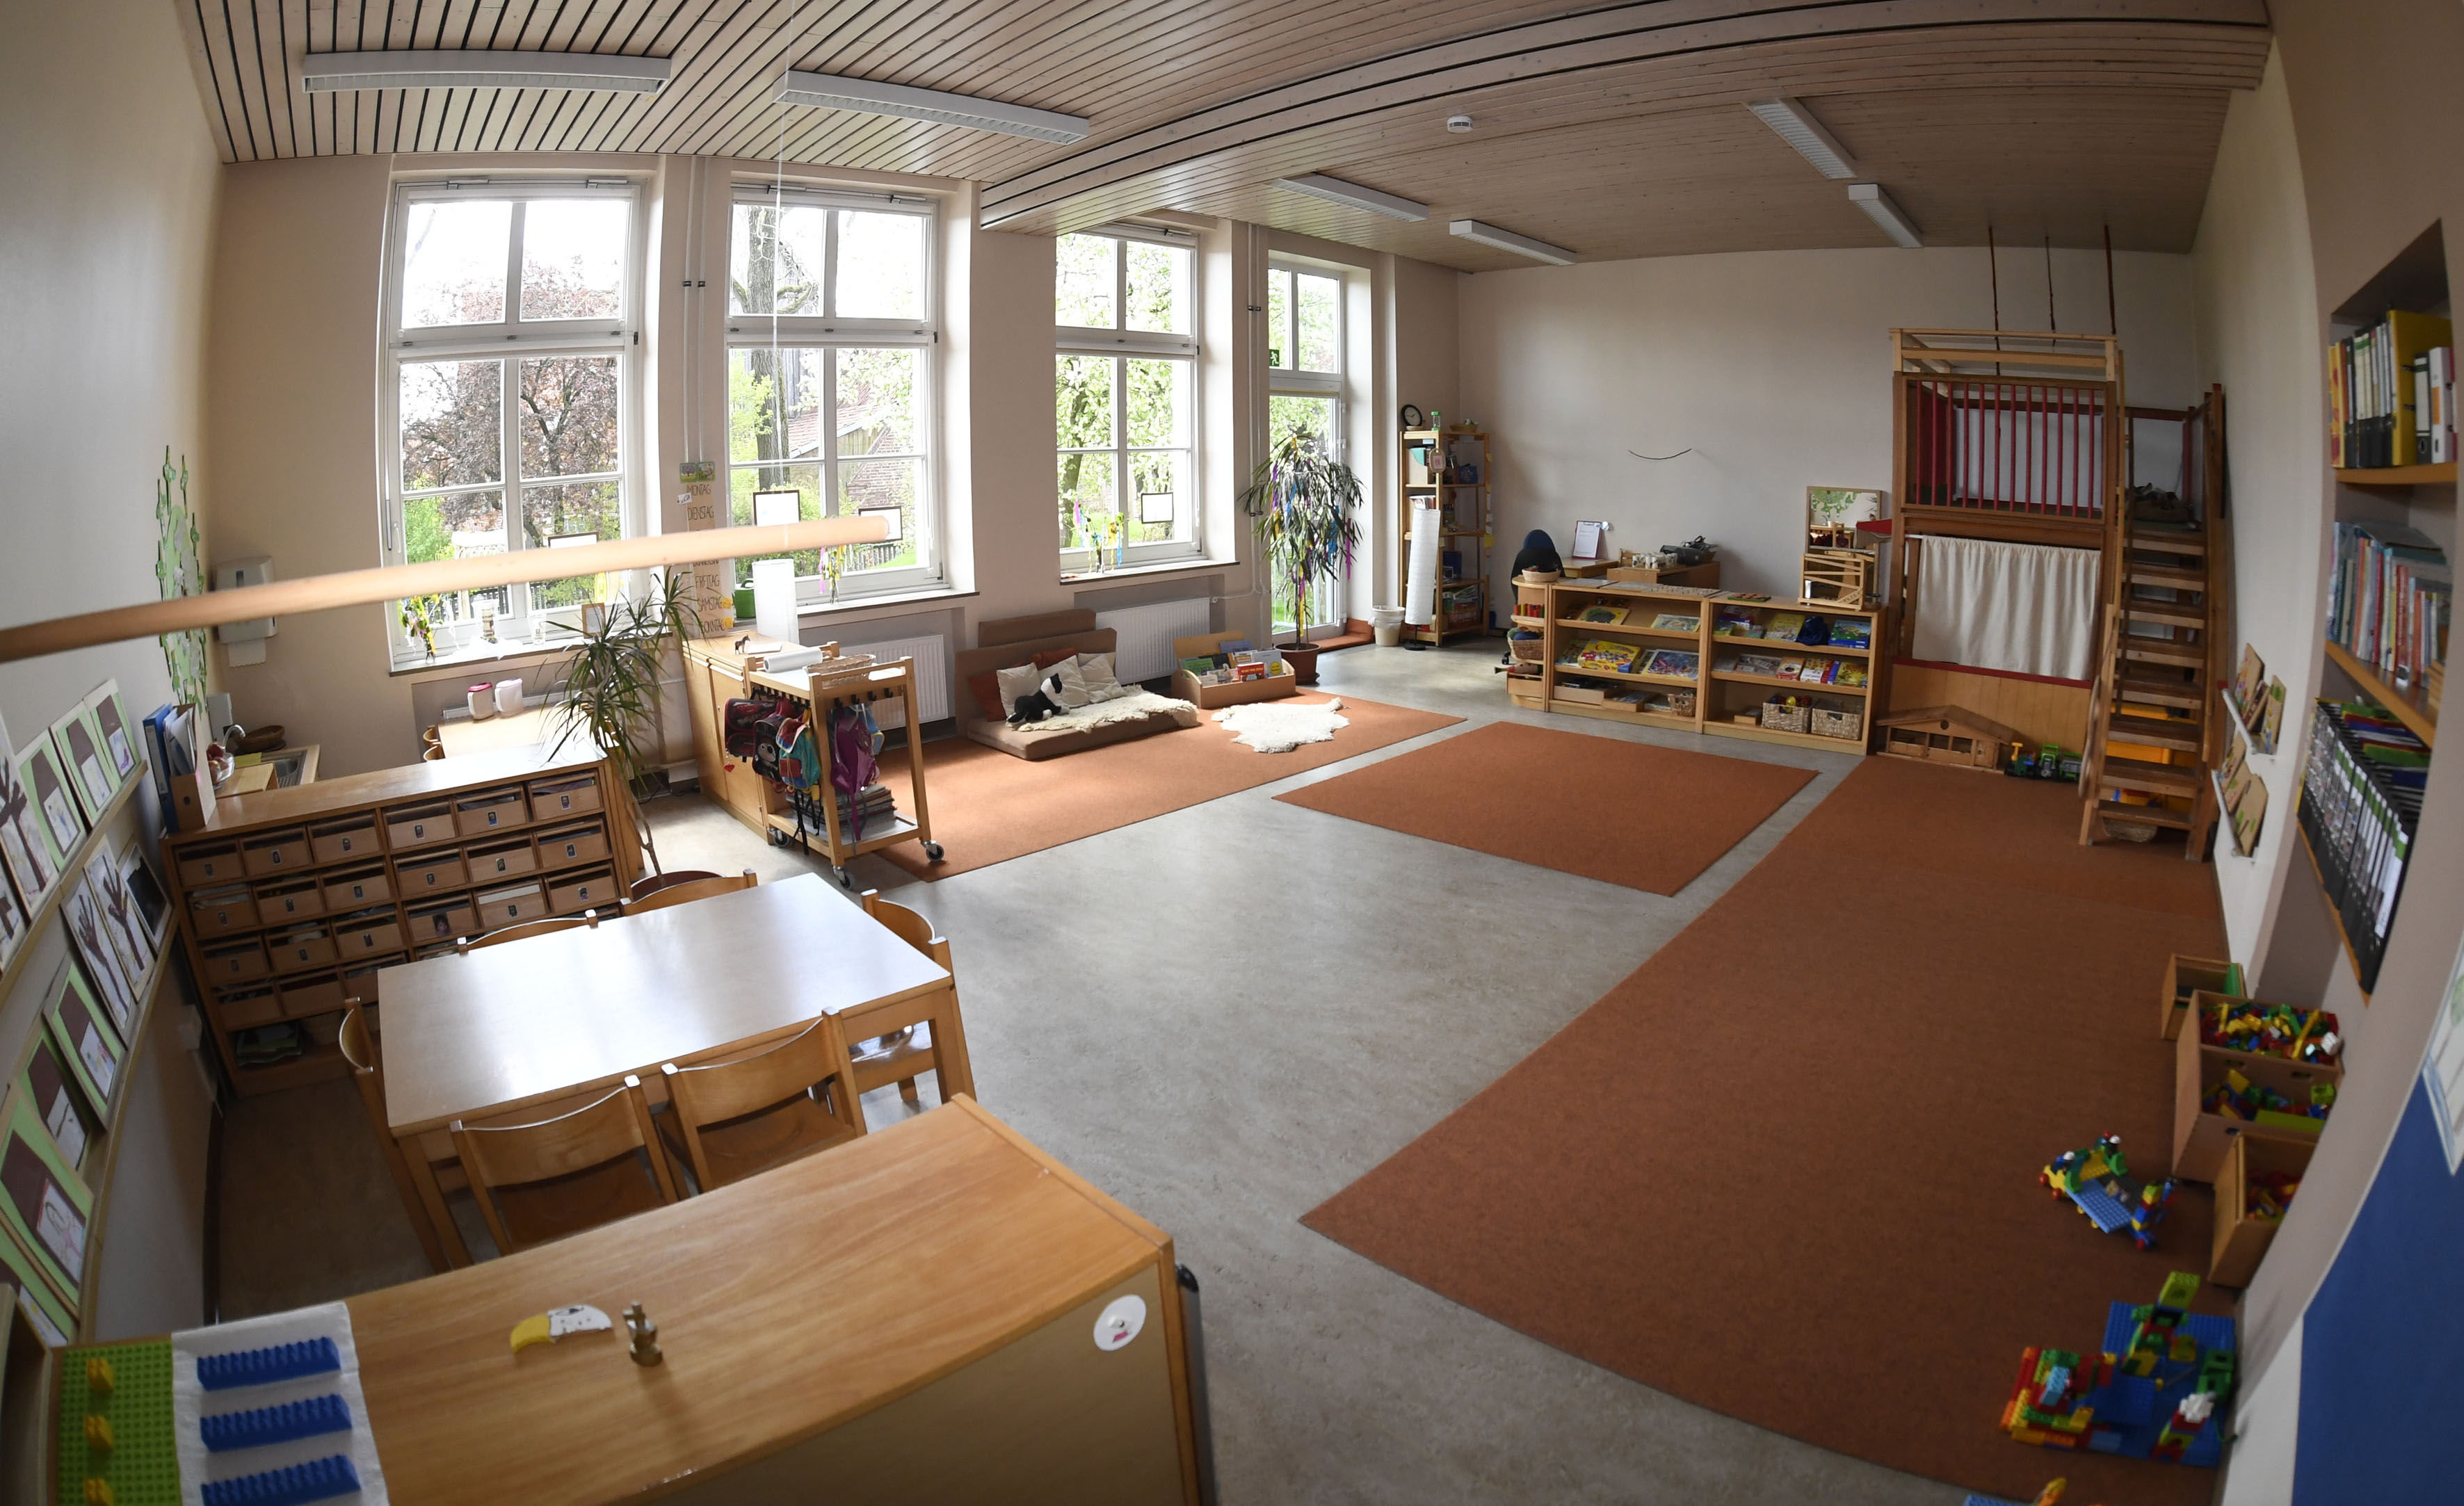 Räume Und Spielbereiche Unsere Kita Kindergarten St Petrus